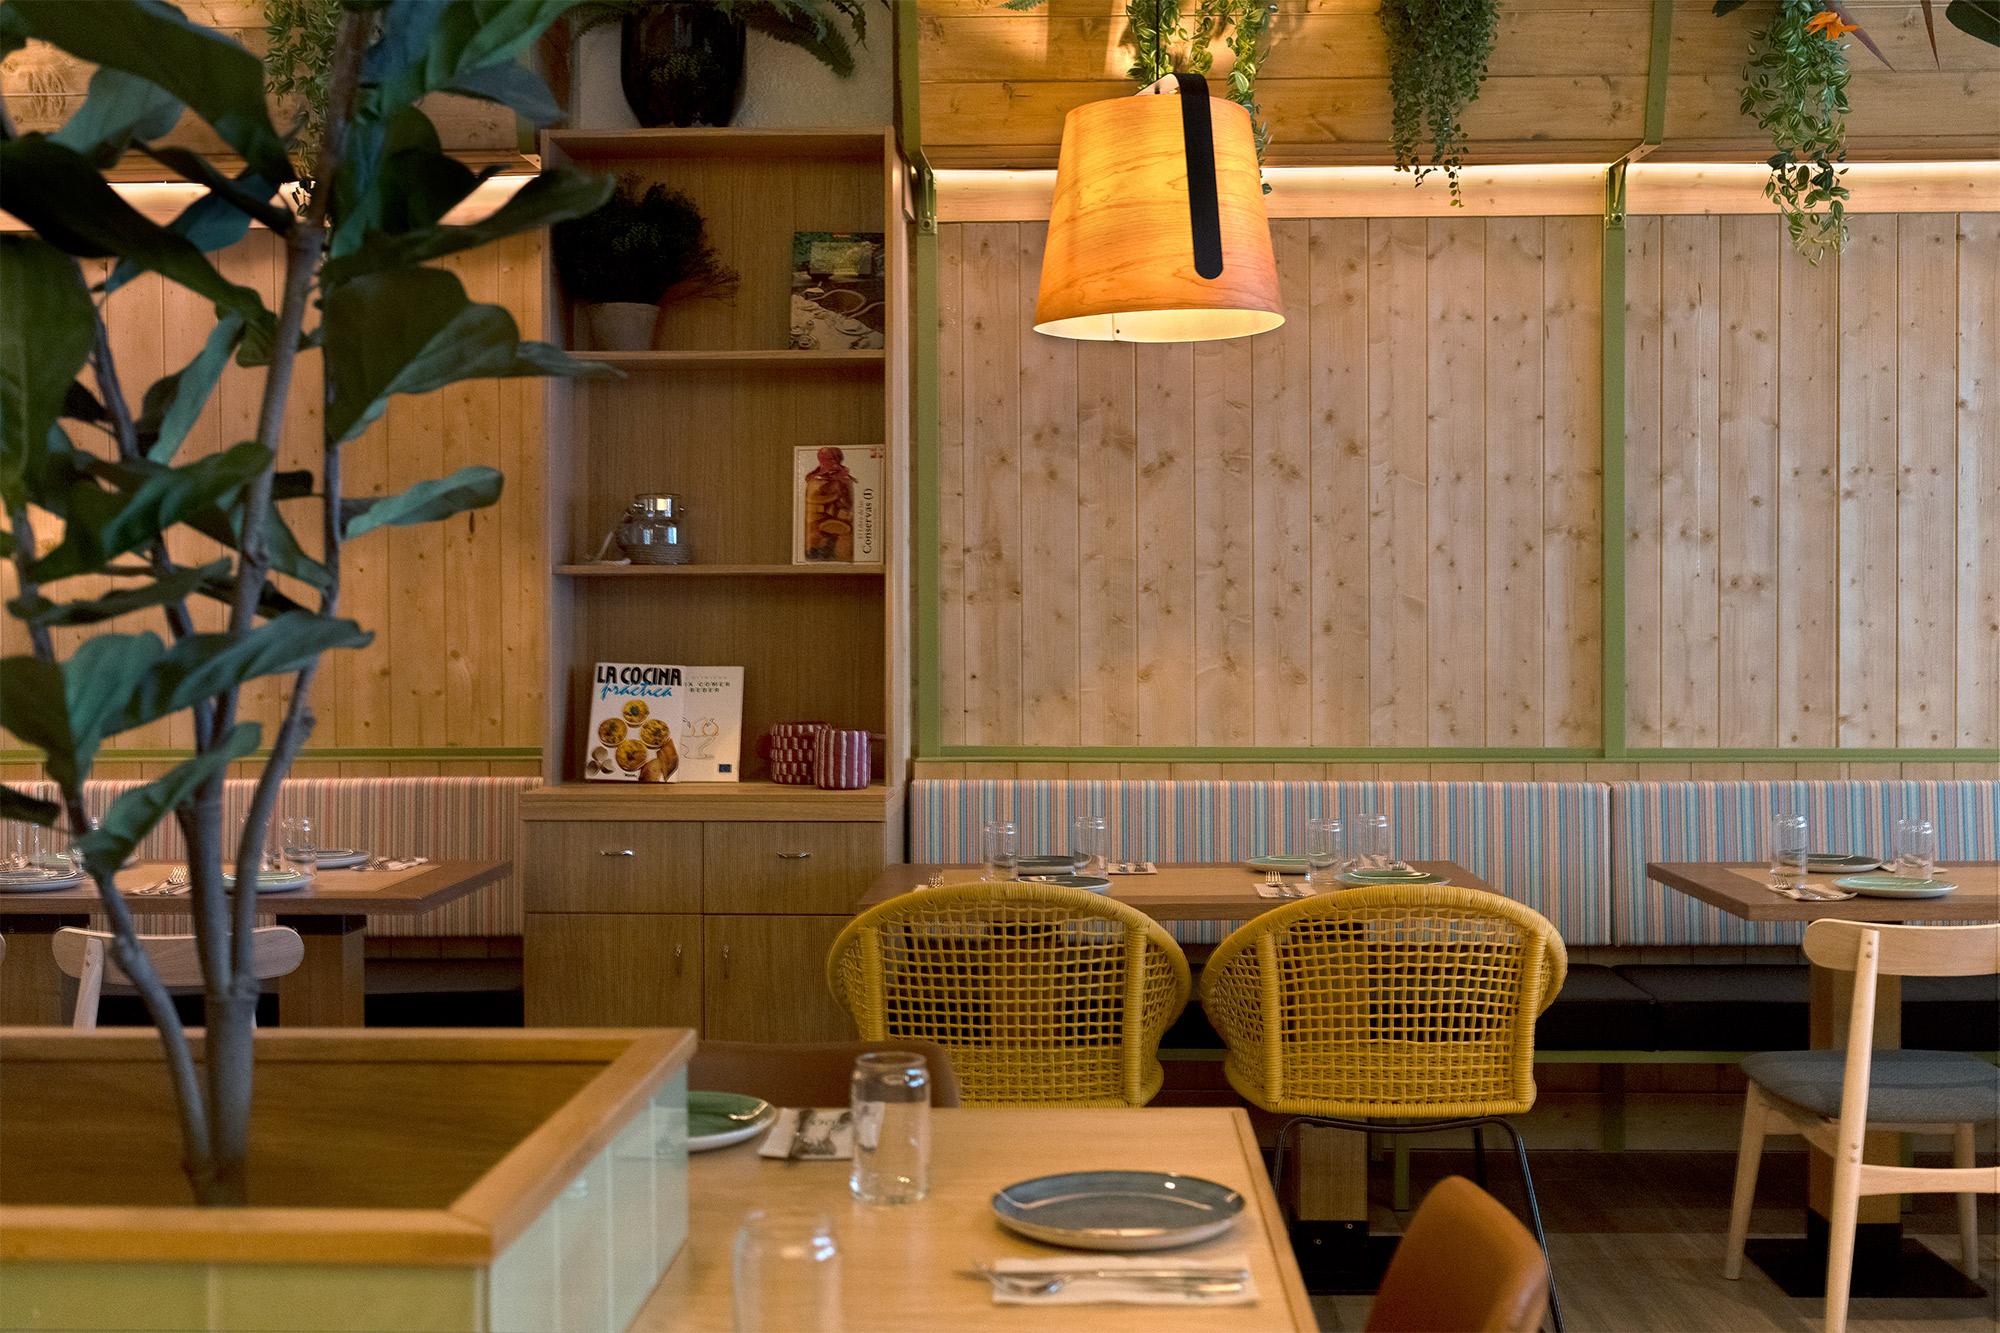 restaurante-foodoo-valencia